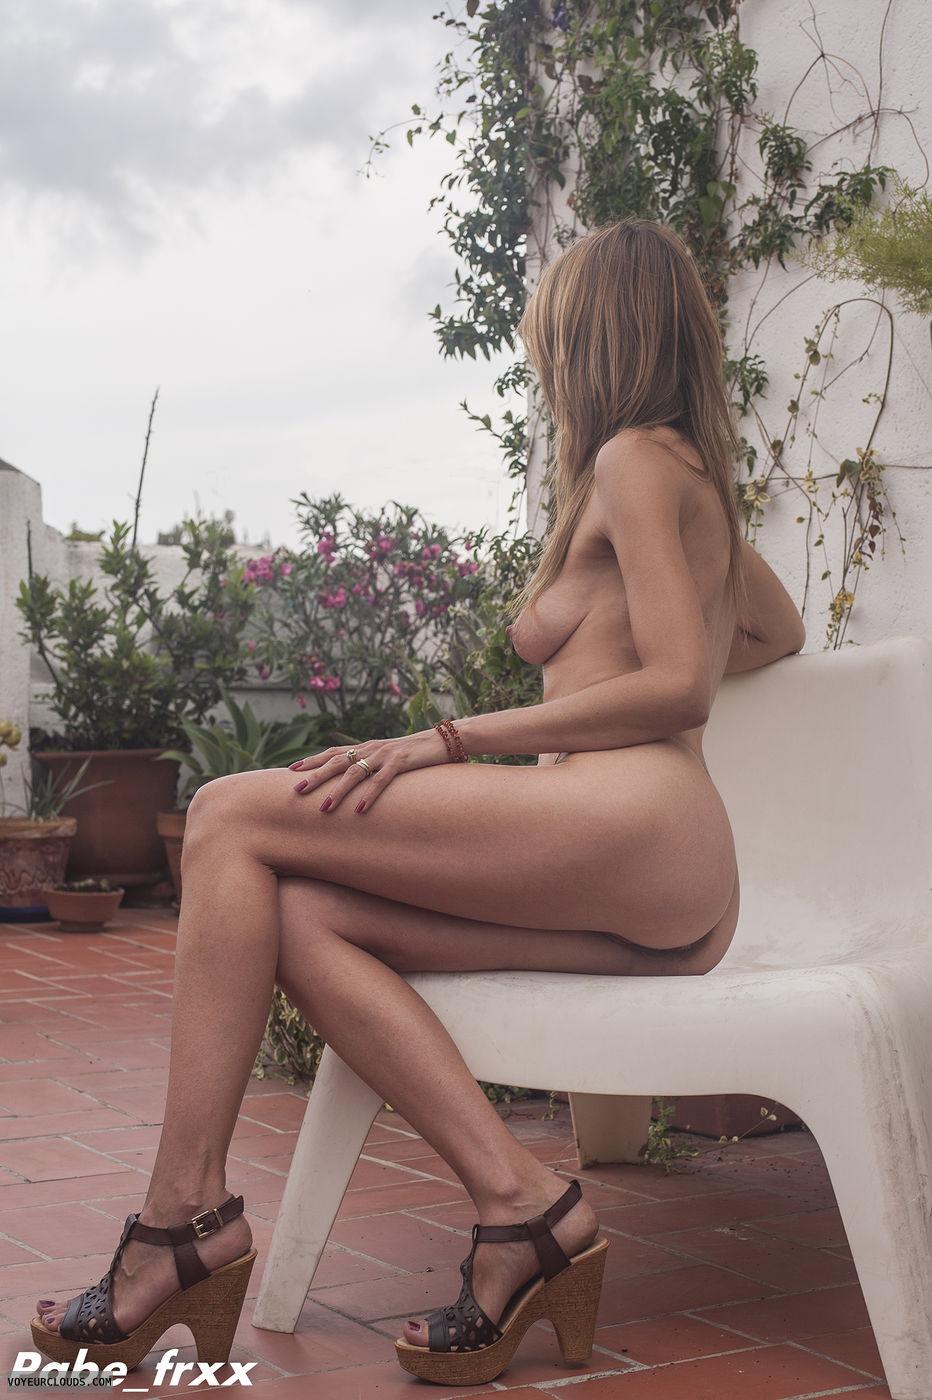 nude in public ter vid jpg 1500x1000